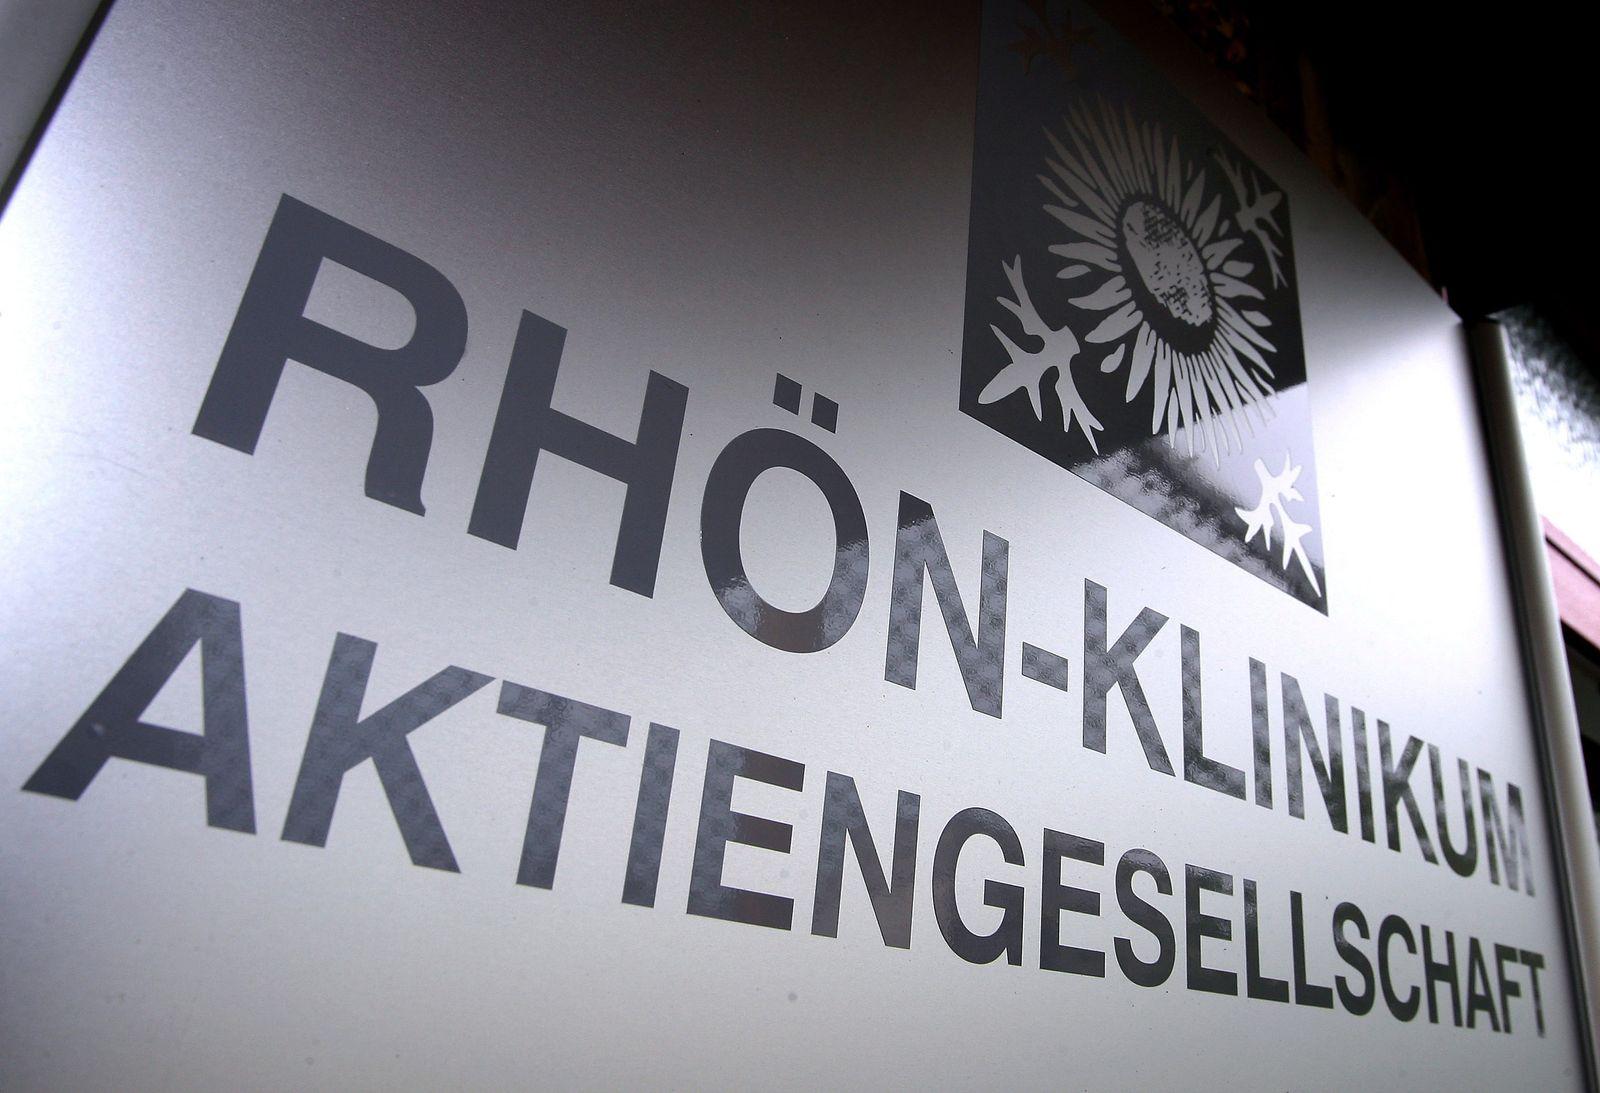 Rhön-Klinikum AG / Rhön Klinikum